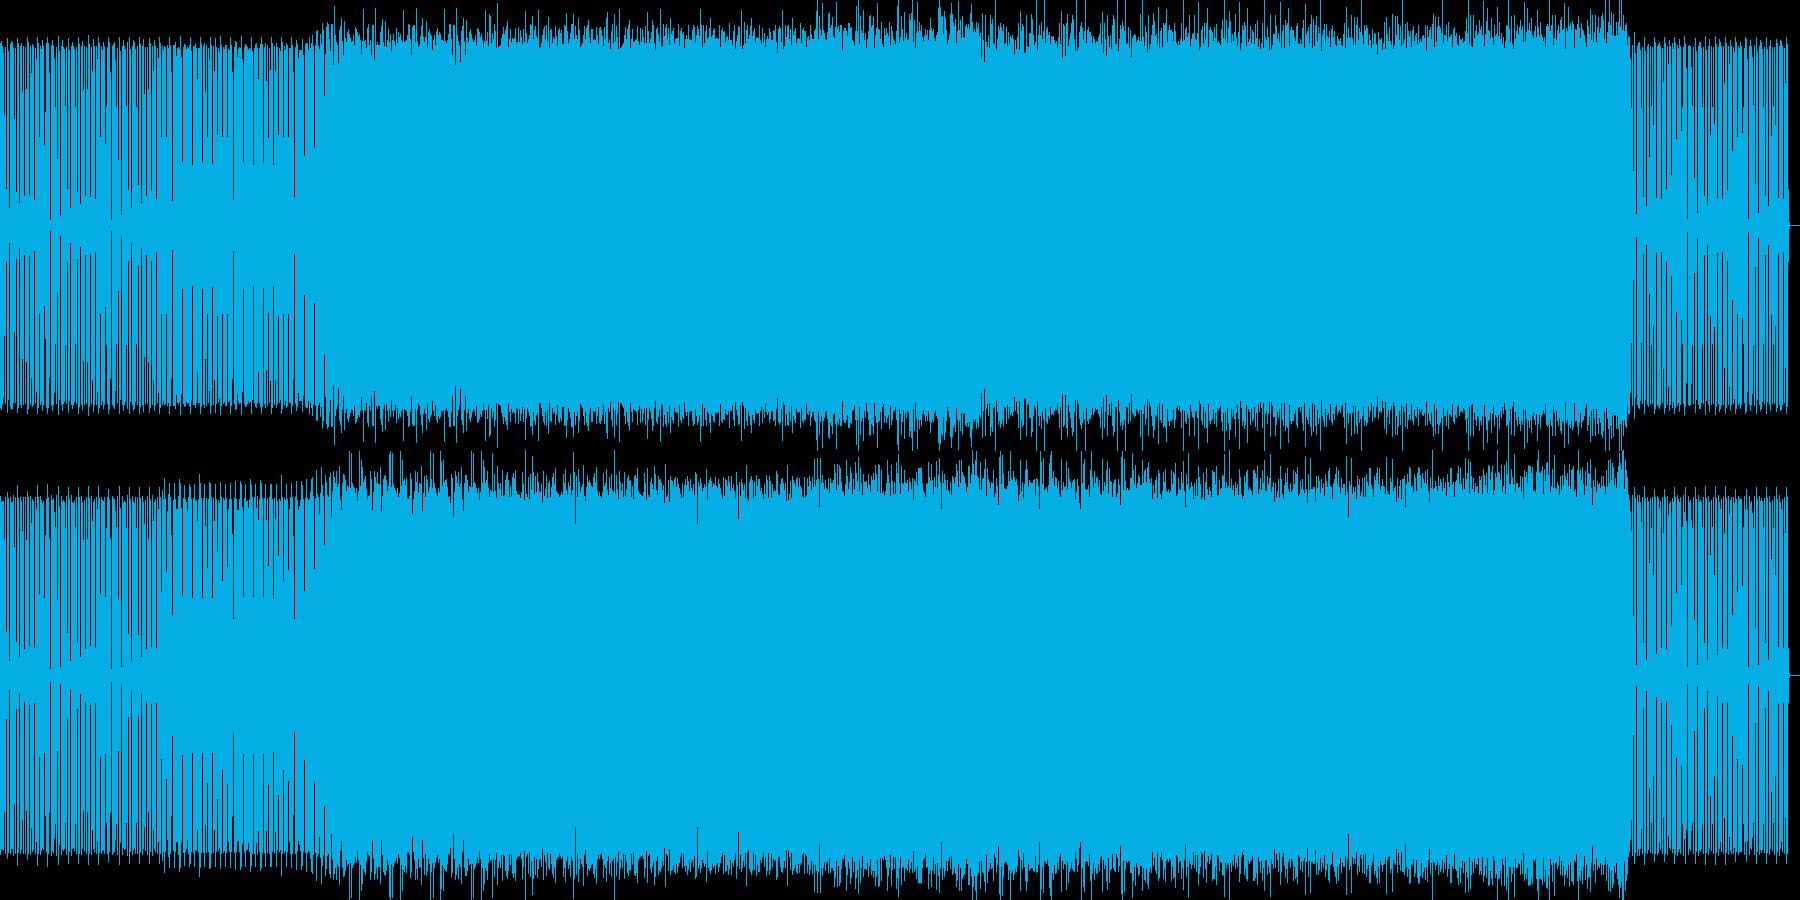 イントロドラム電子ドラム、シンセ1...の再生済みの波形